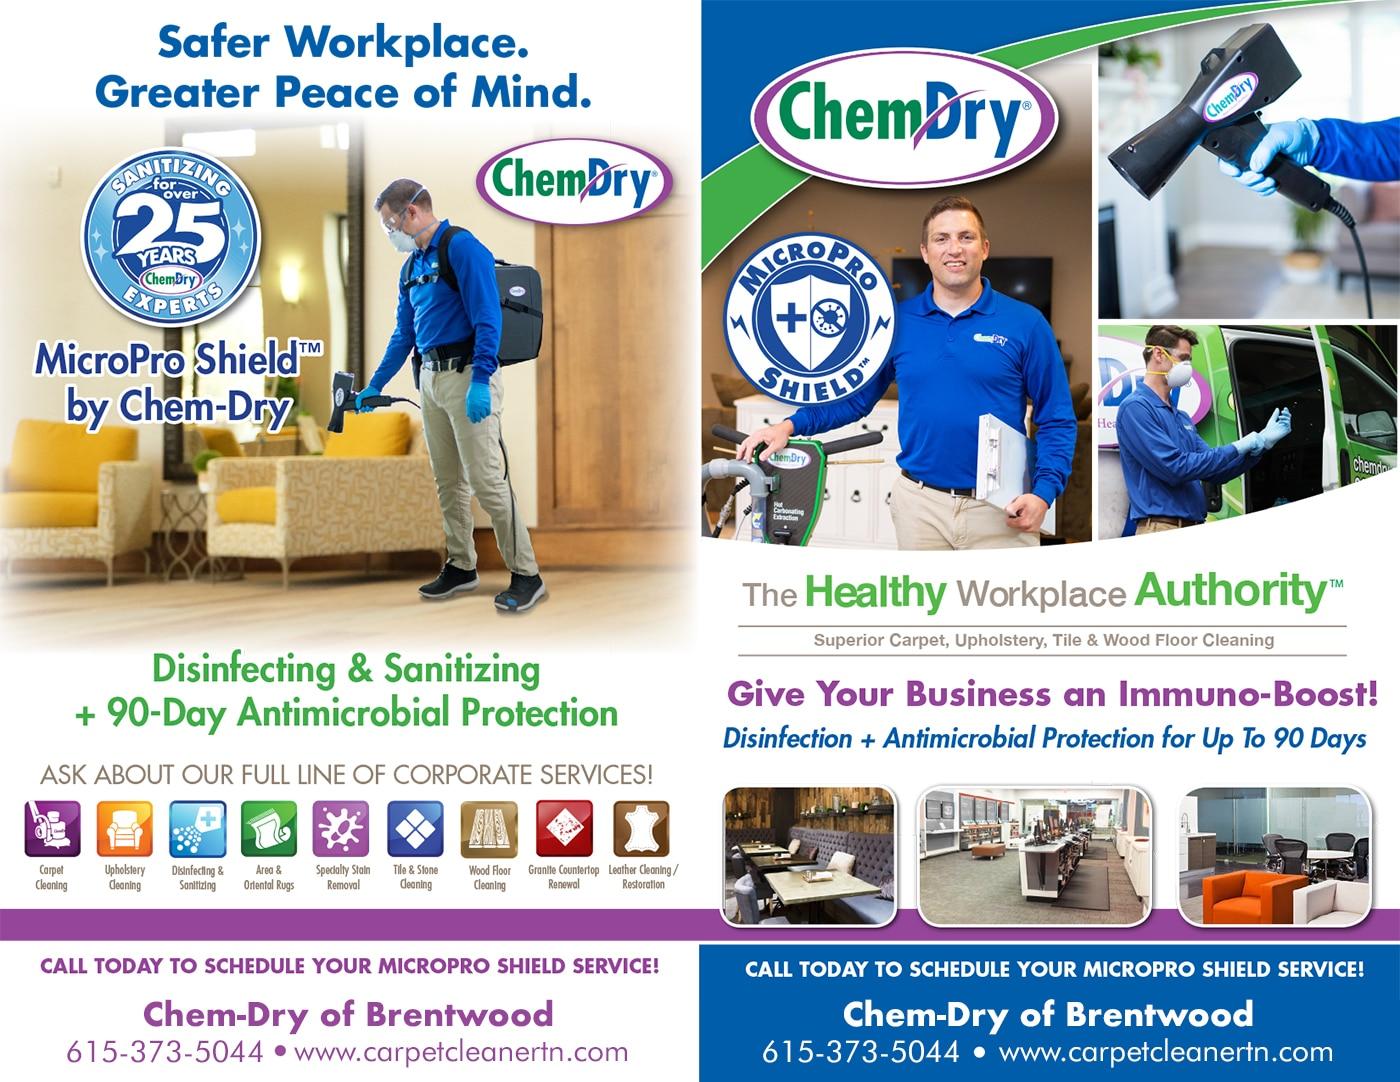 Chem-Dry-Sanitizing2.0-Comm-Brochure-2020-v2.jpg